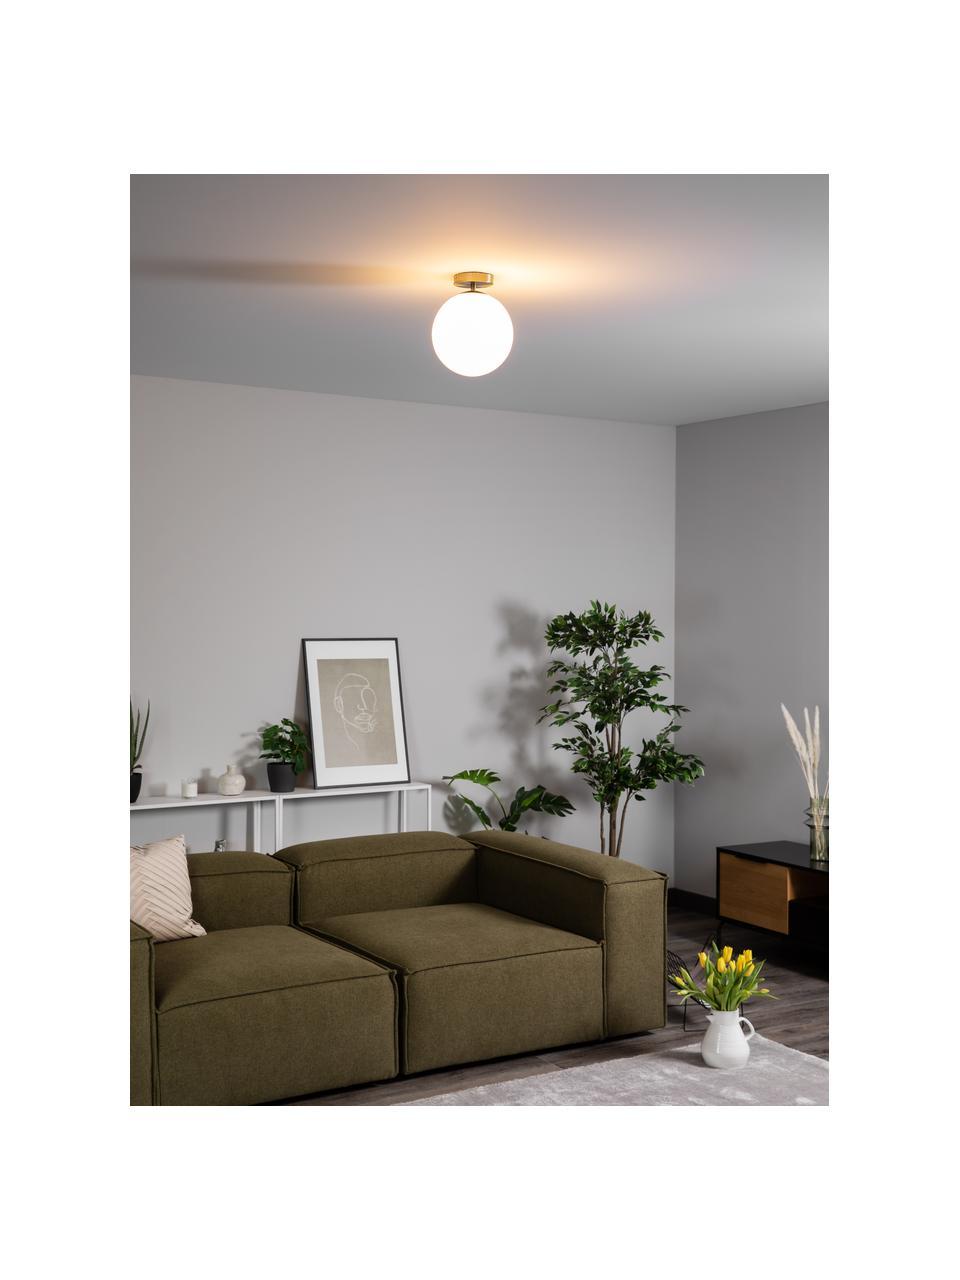 Kleine plafondlamp Hitch van glas, Baldakijn: vermessingd metaal, Lampenkap: glas, Baldakijn en fitting: mat messingkleurig. Lampenkappen: wit, Ø 25 x H 30 cm